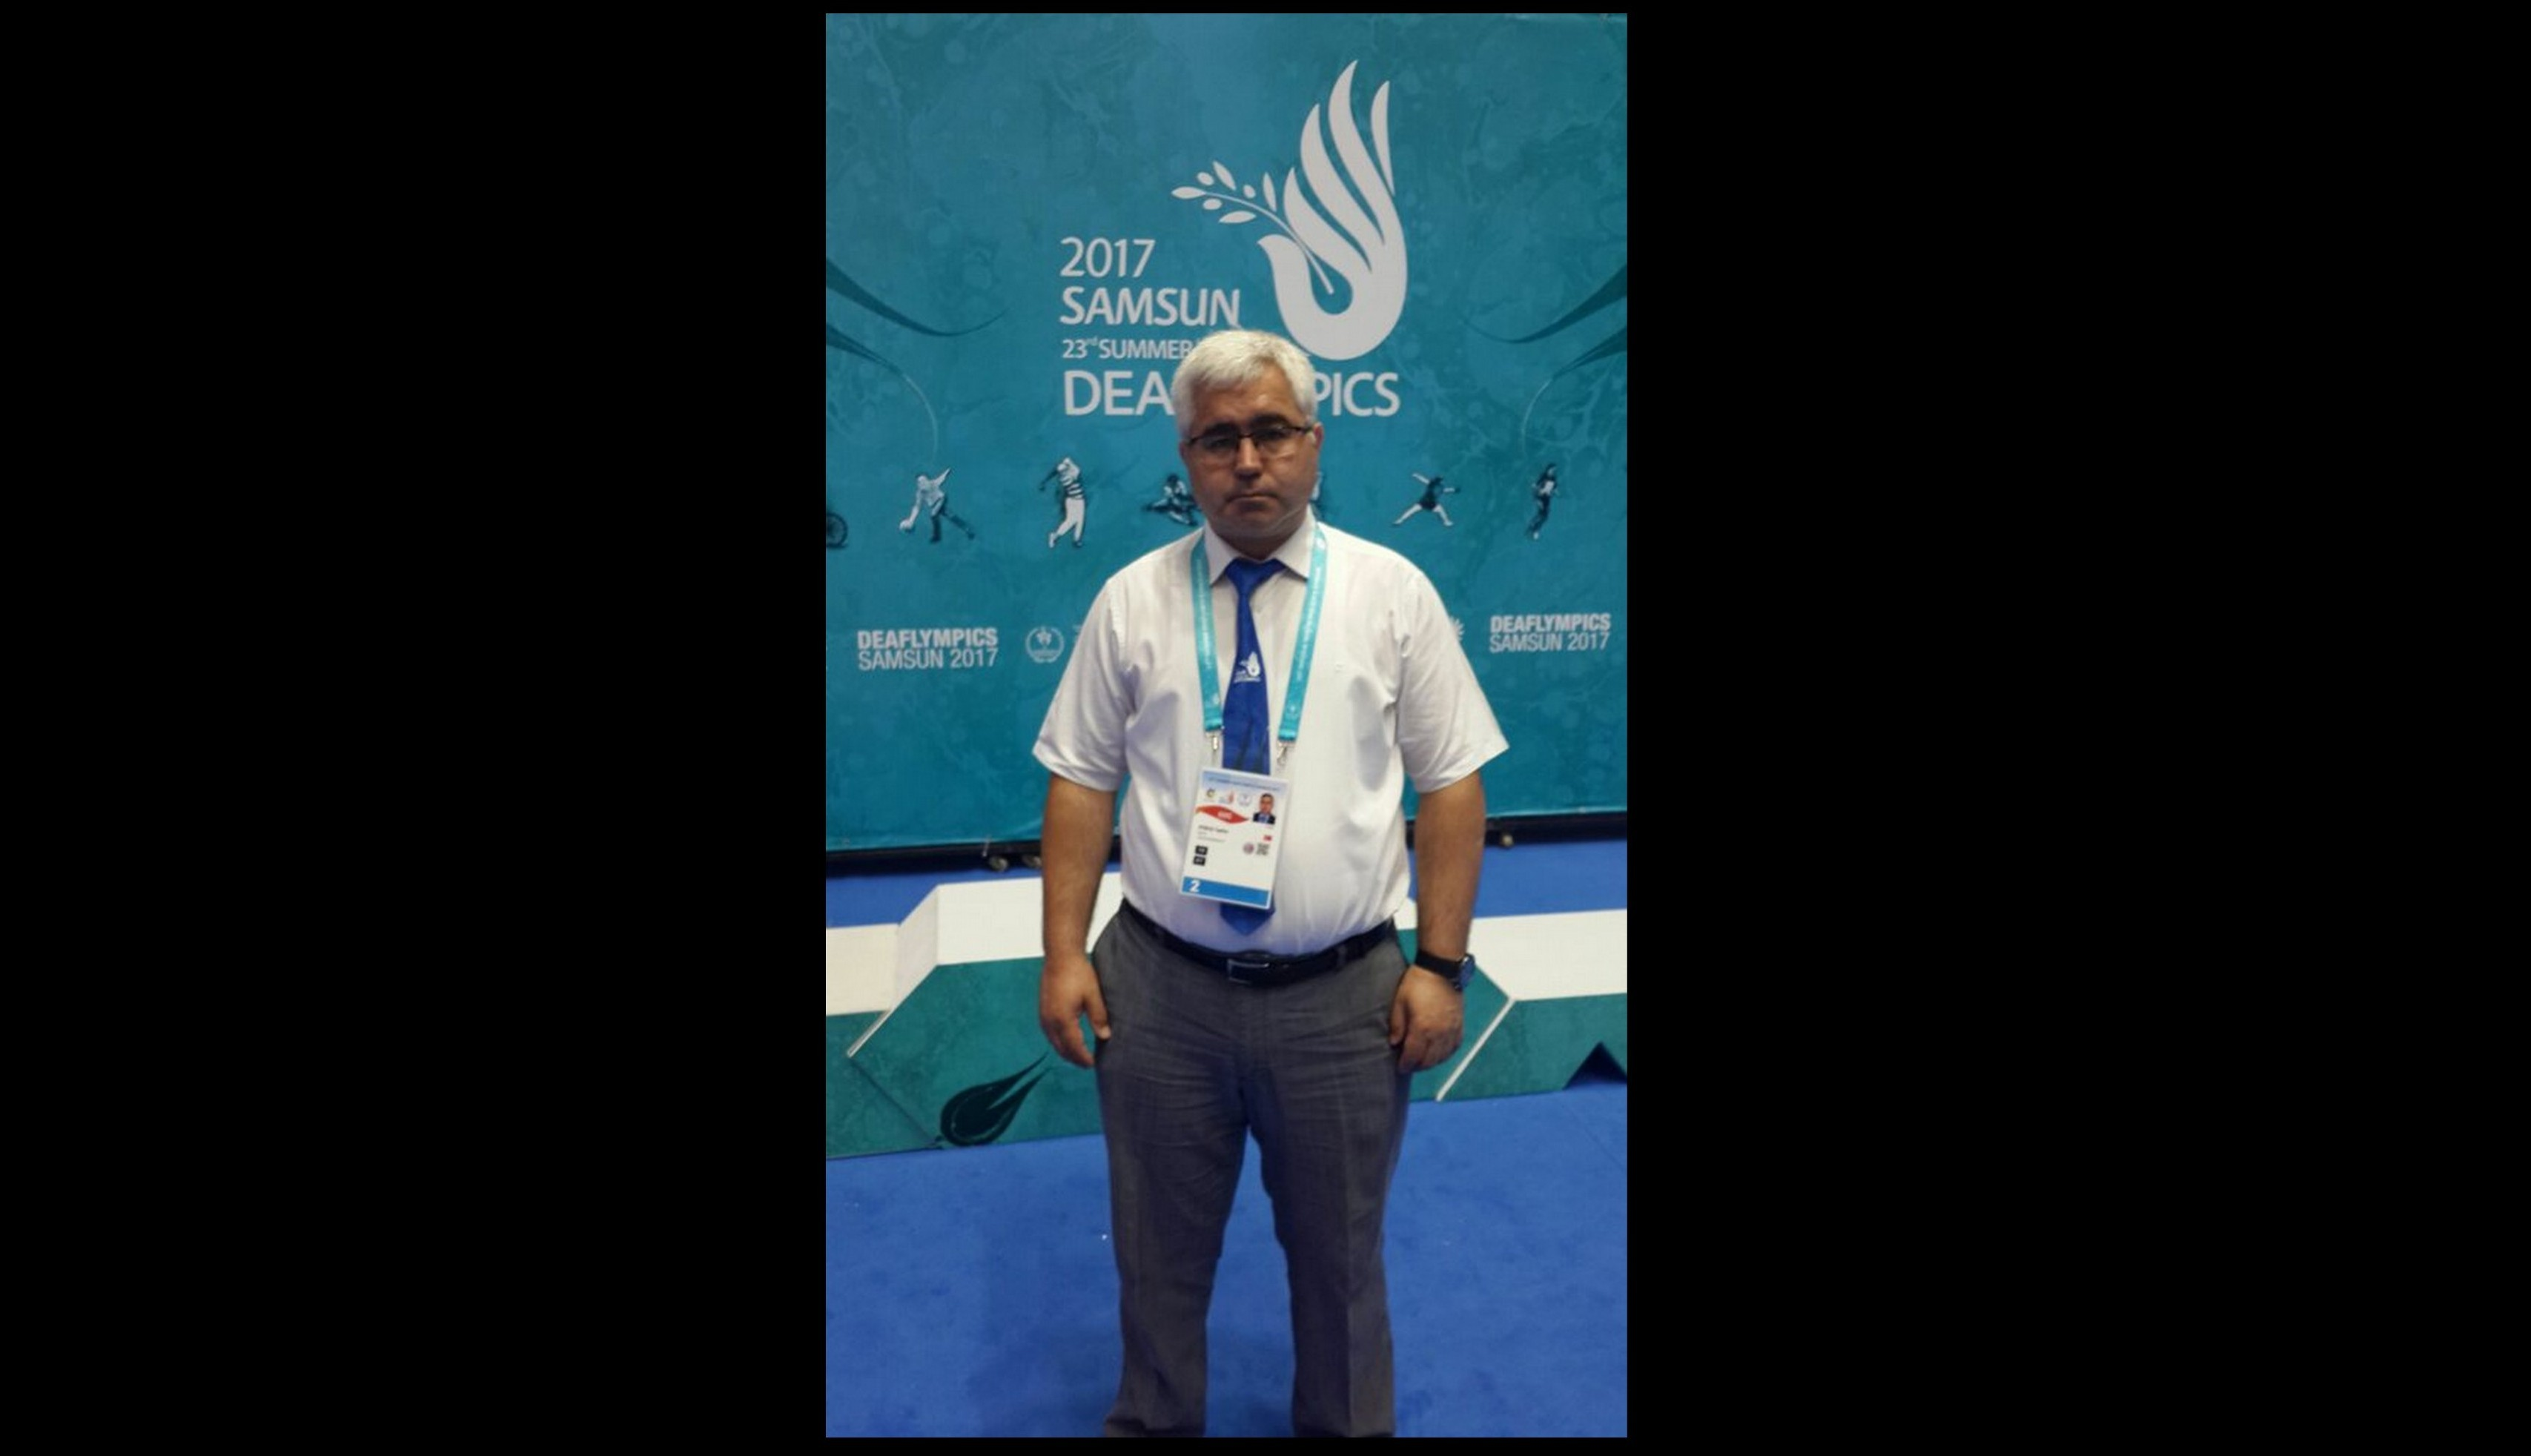 Arifiye'den Kobaş Hoca,Olimpiyatlarda